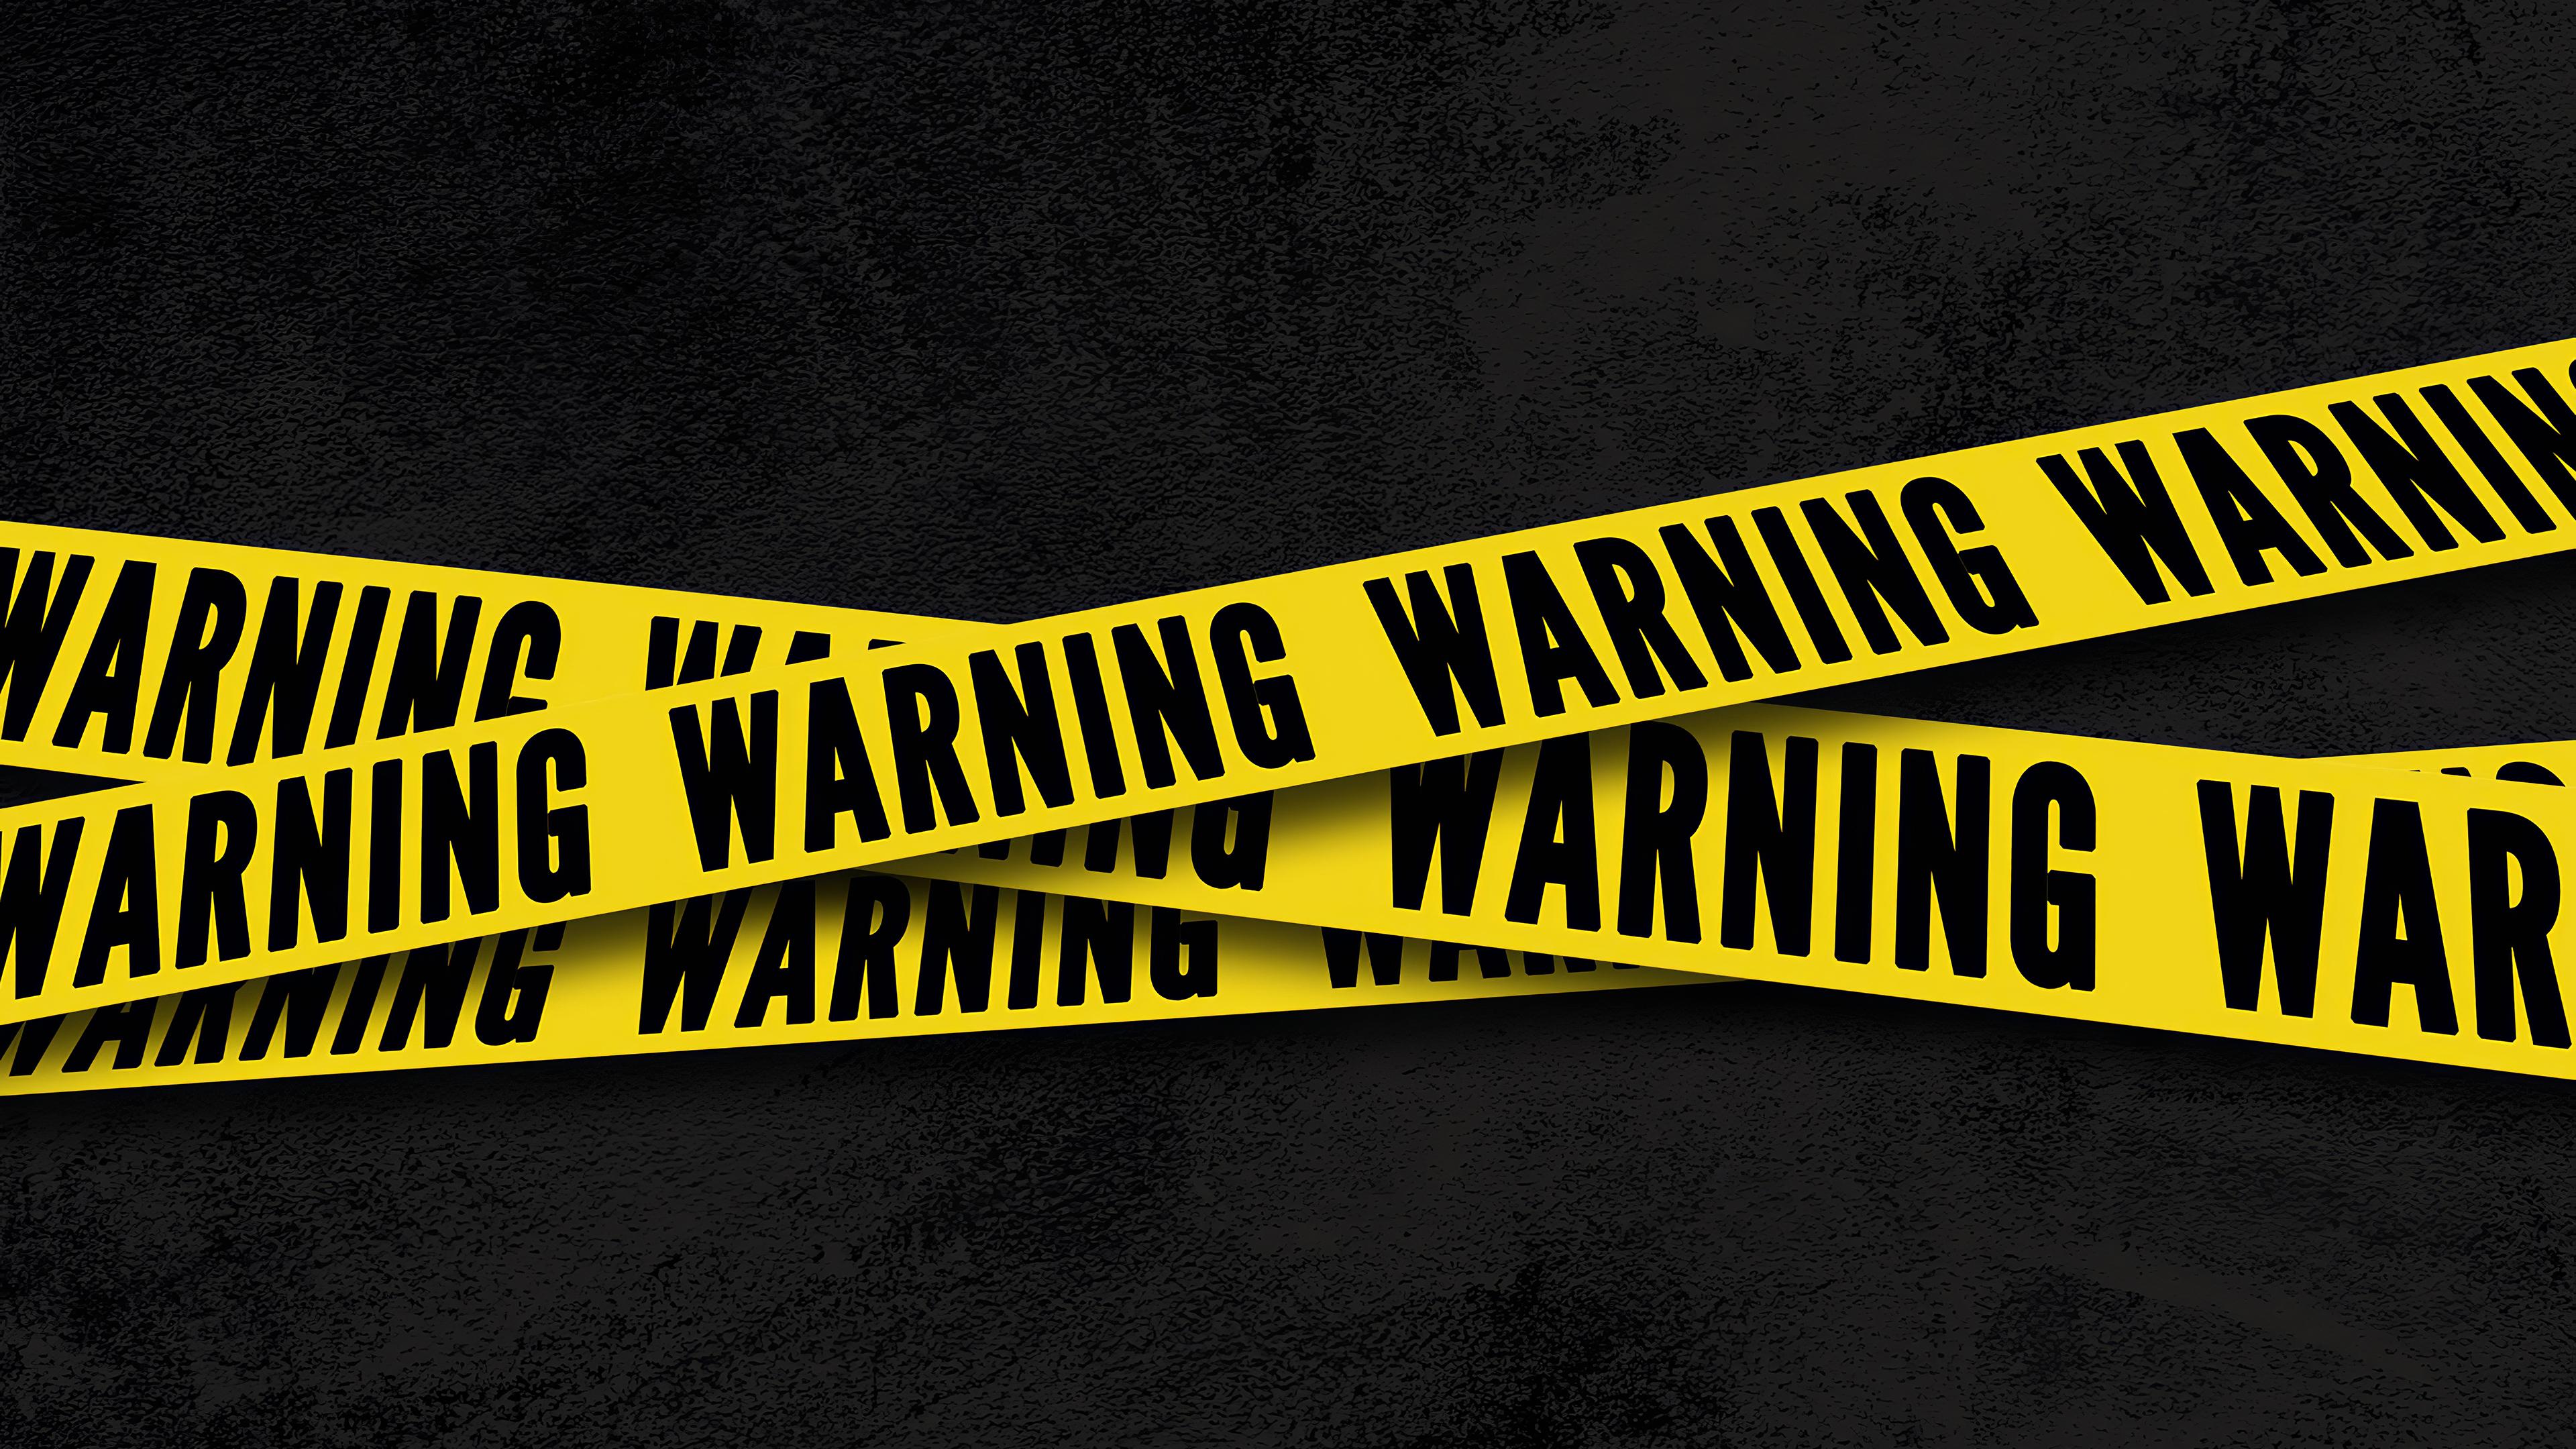 warning 1578254684 - Warning -